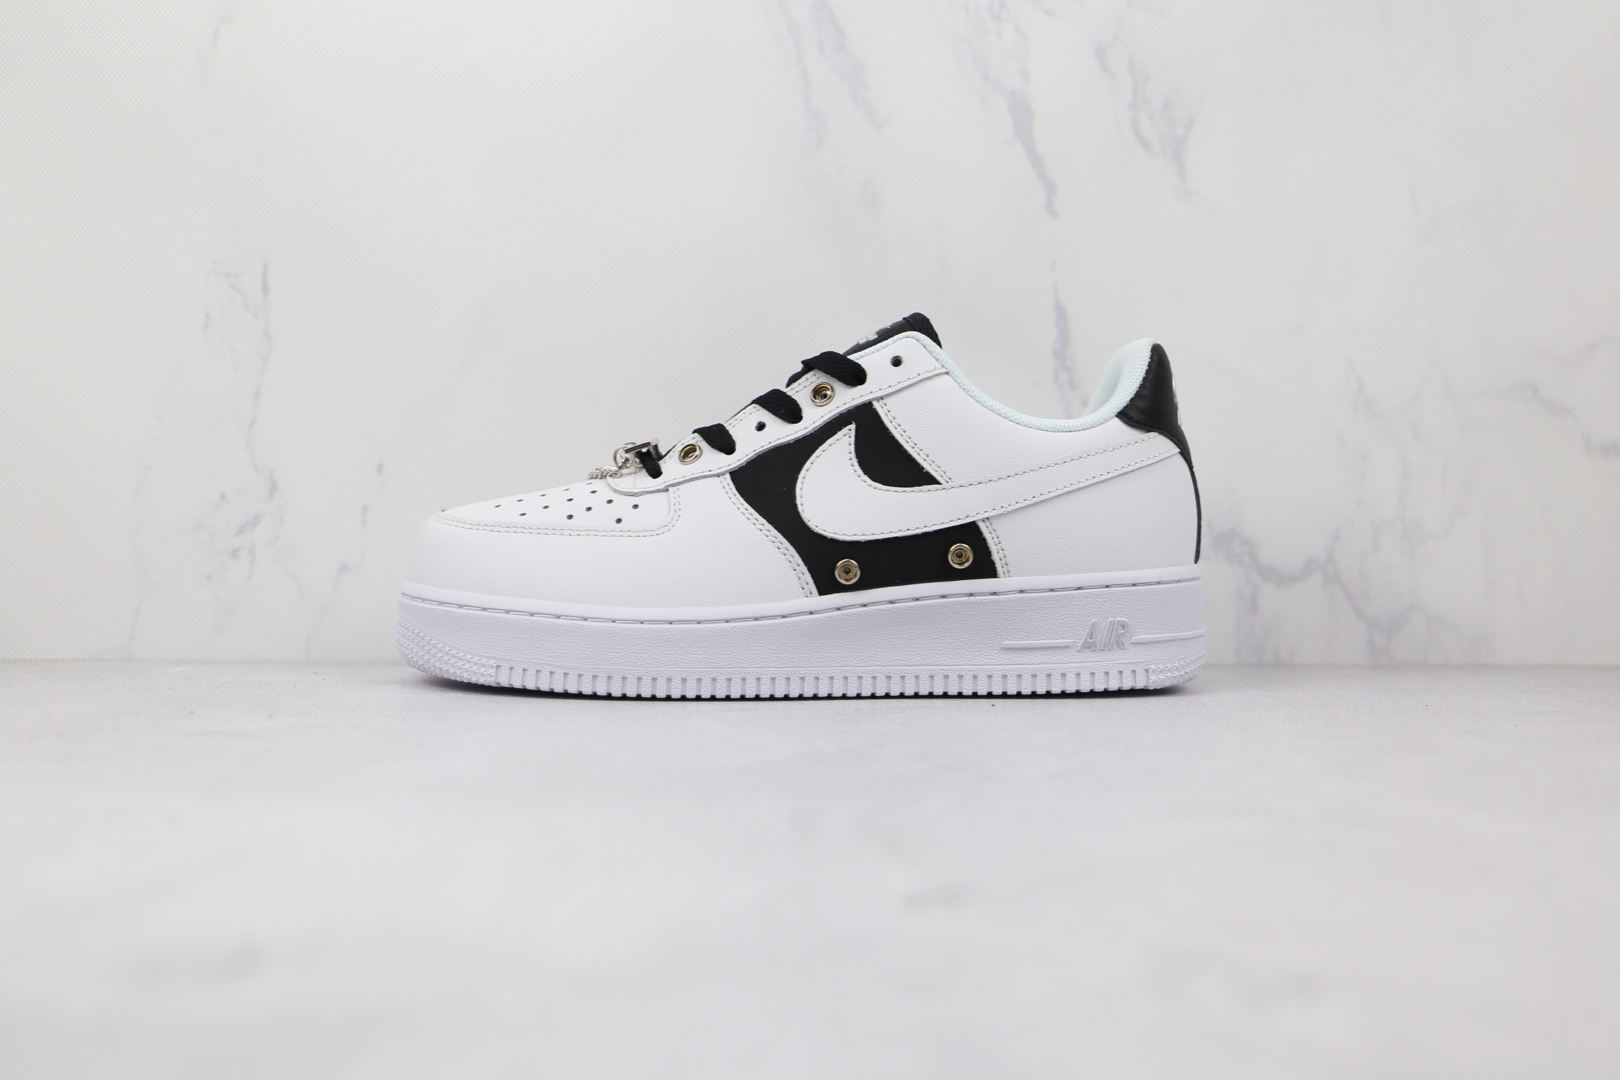 耐克Nike Air Force 1 Low '07纯原版本低帮空军一号白黑色金属银牌板鞋原楦头纸板打造 货号:DA8571-100